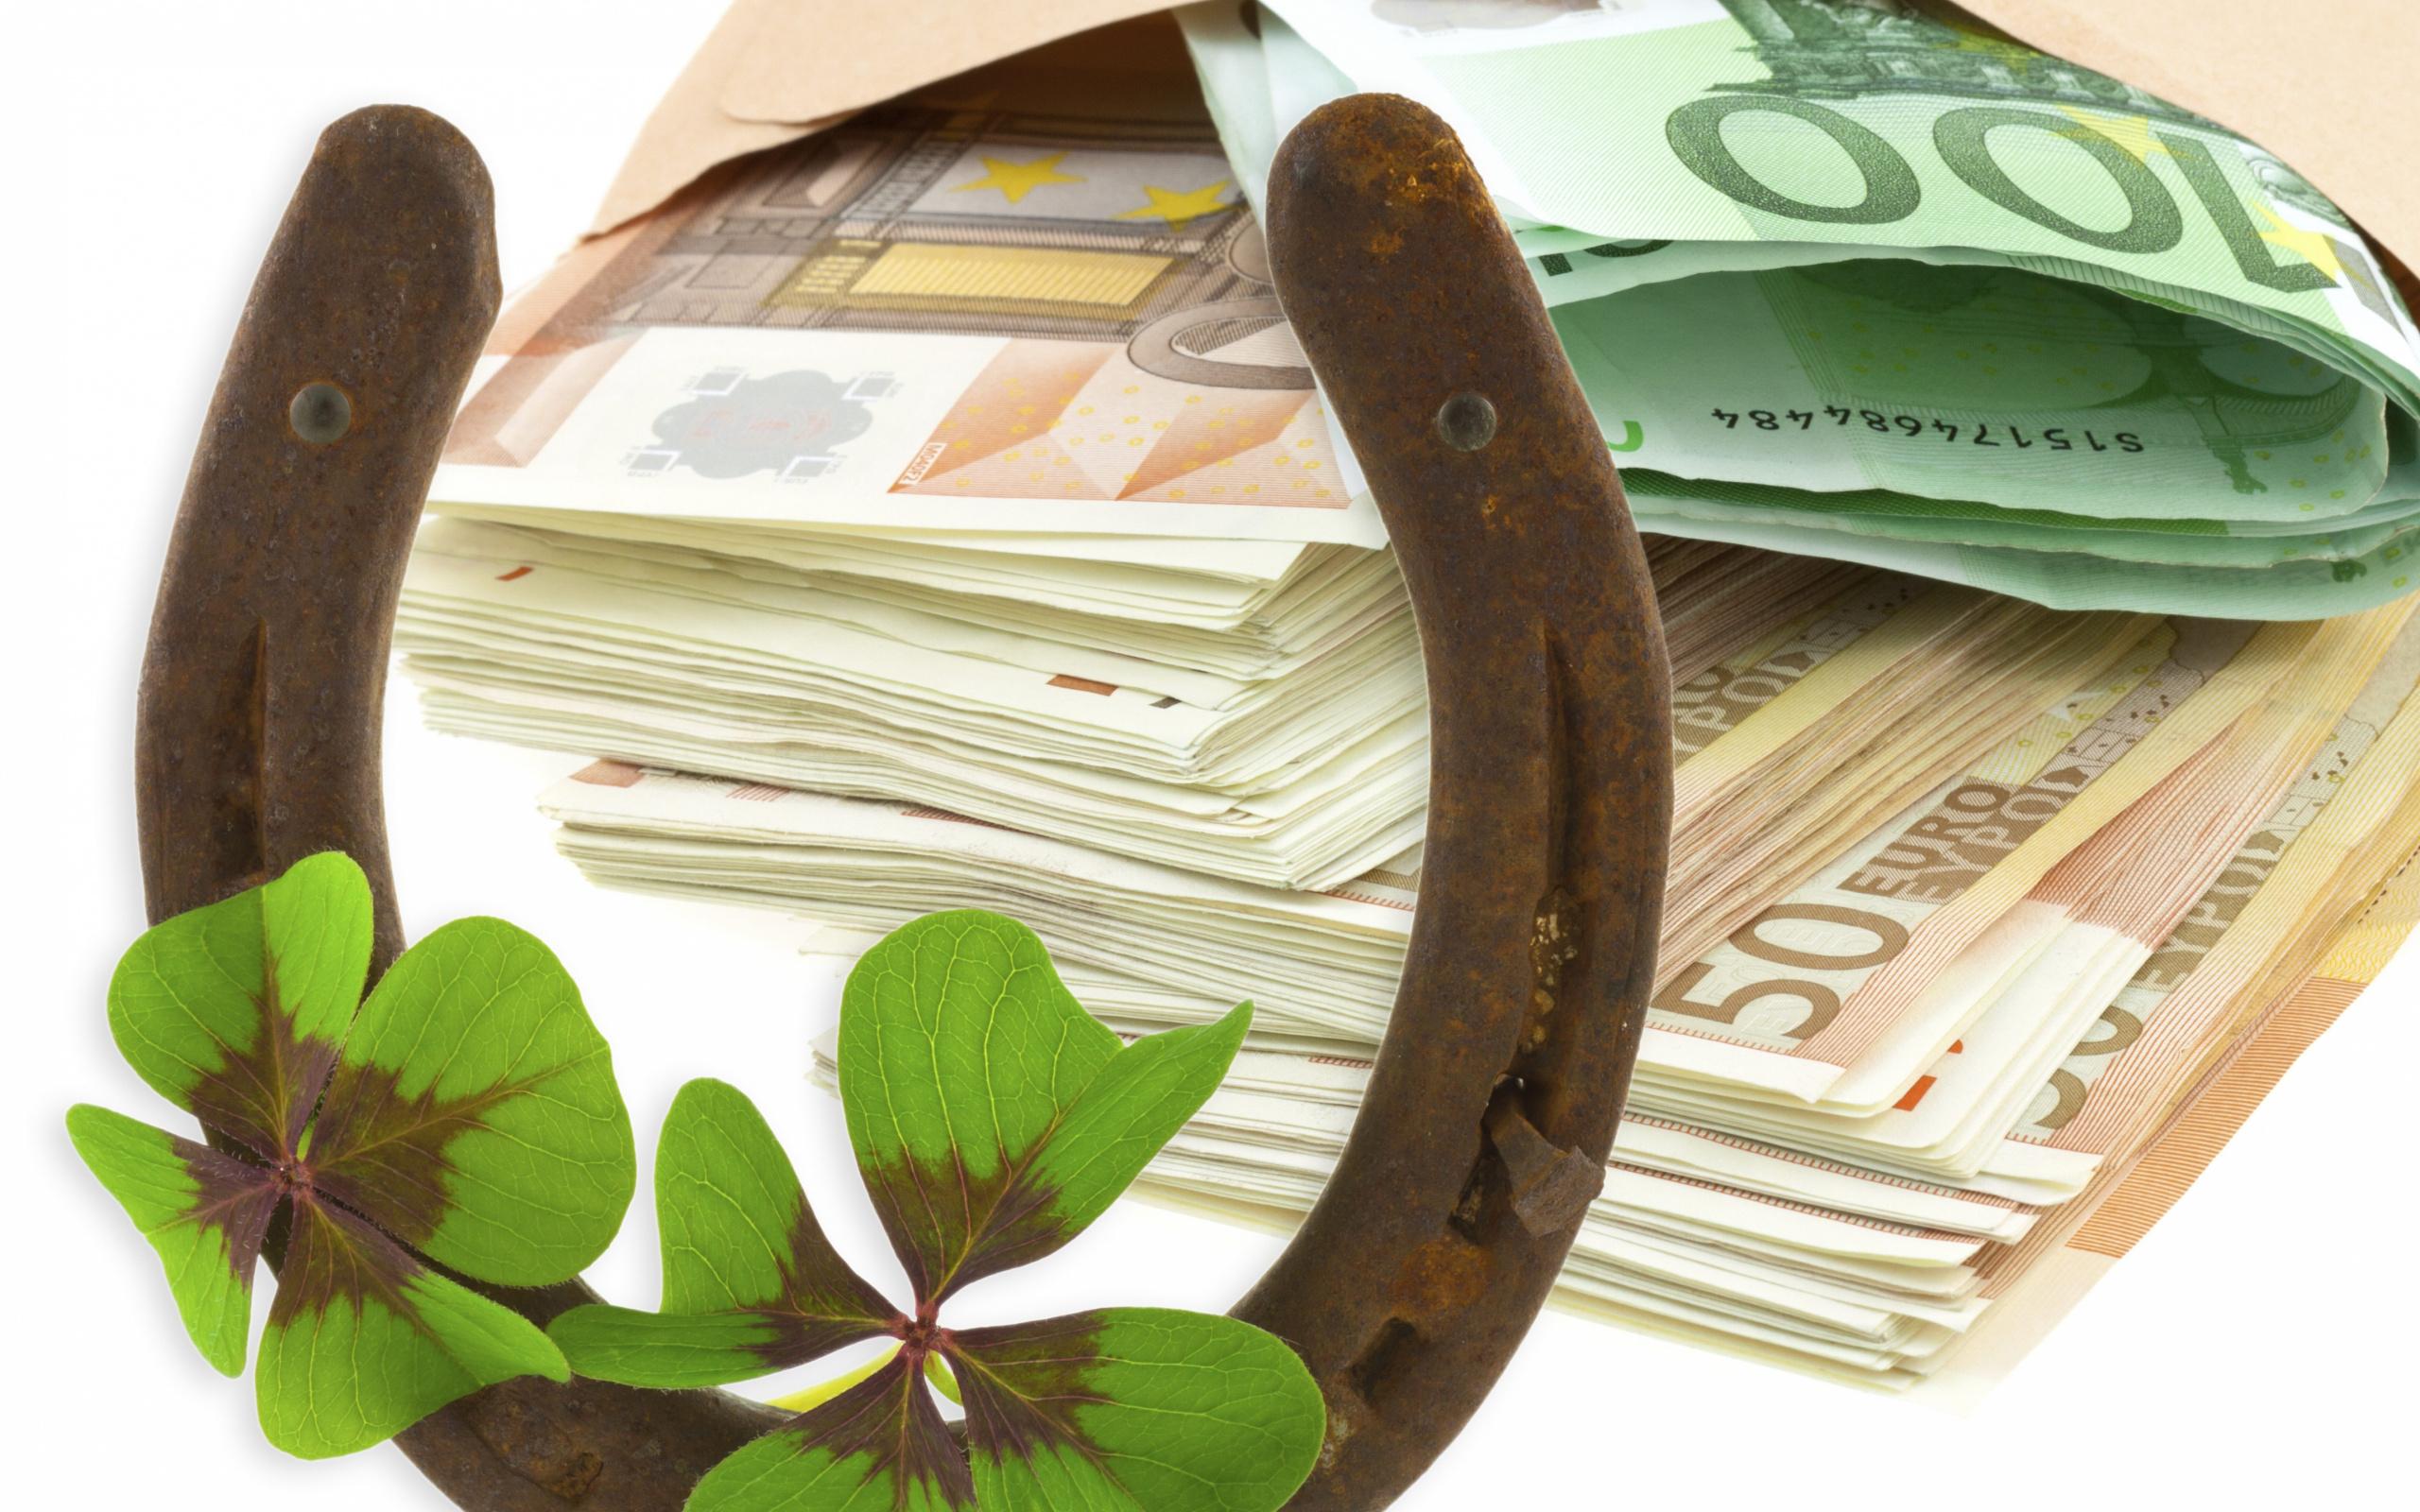 картинки на рабочий стол для успеха и денег погода